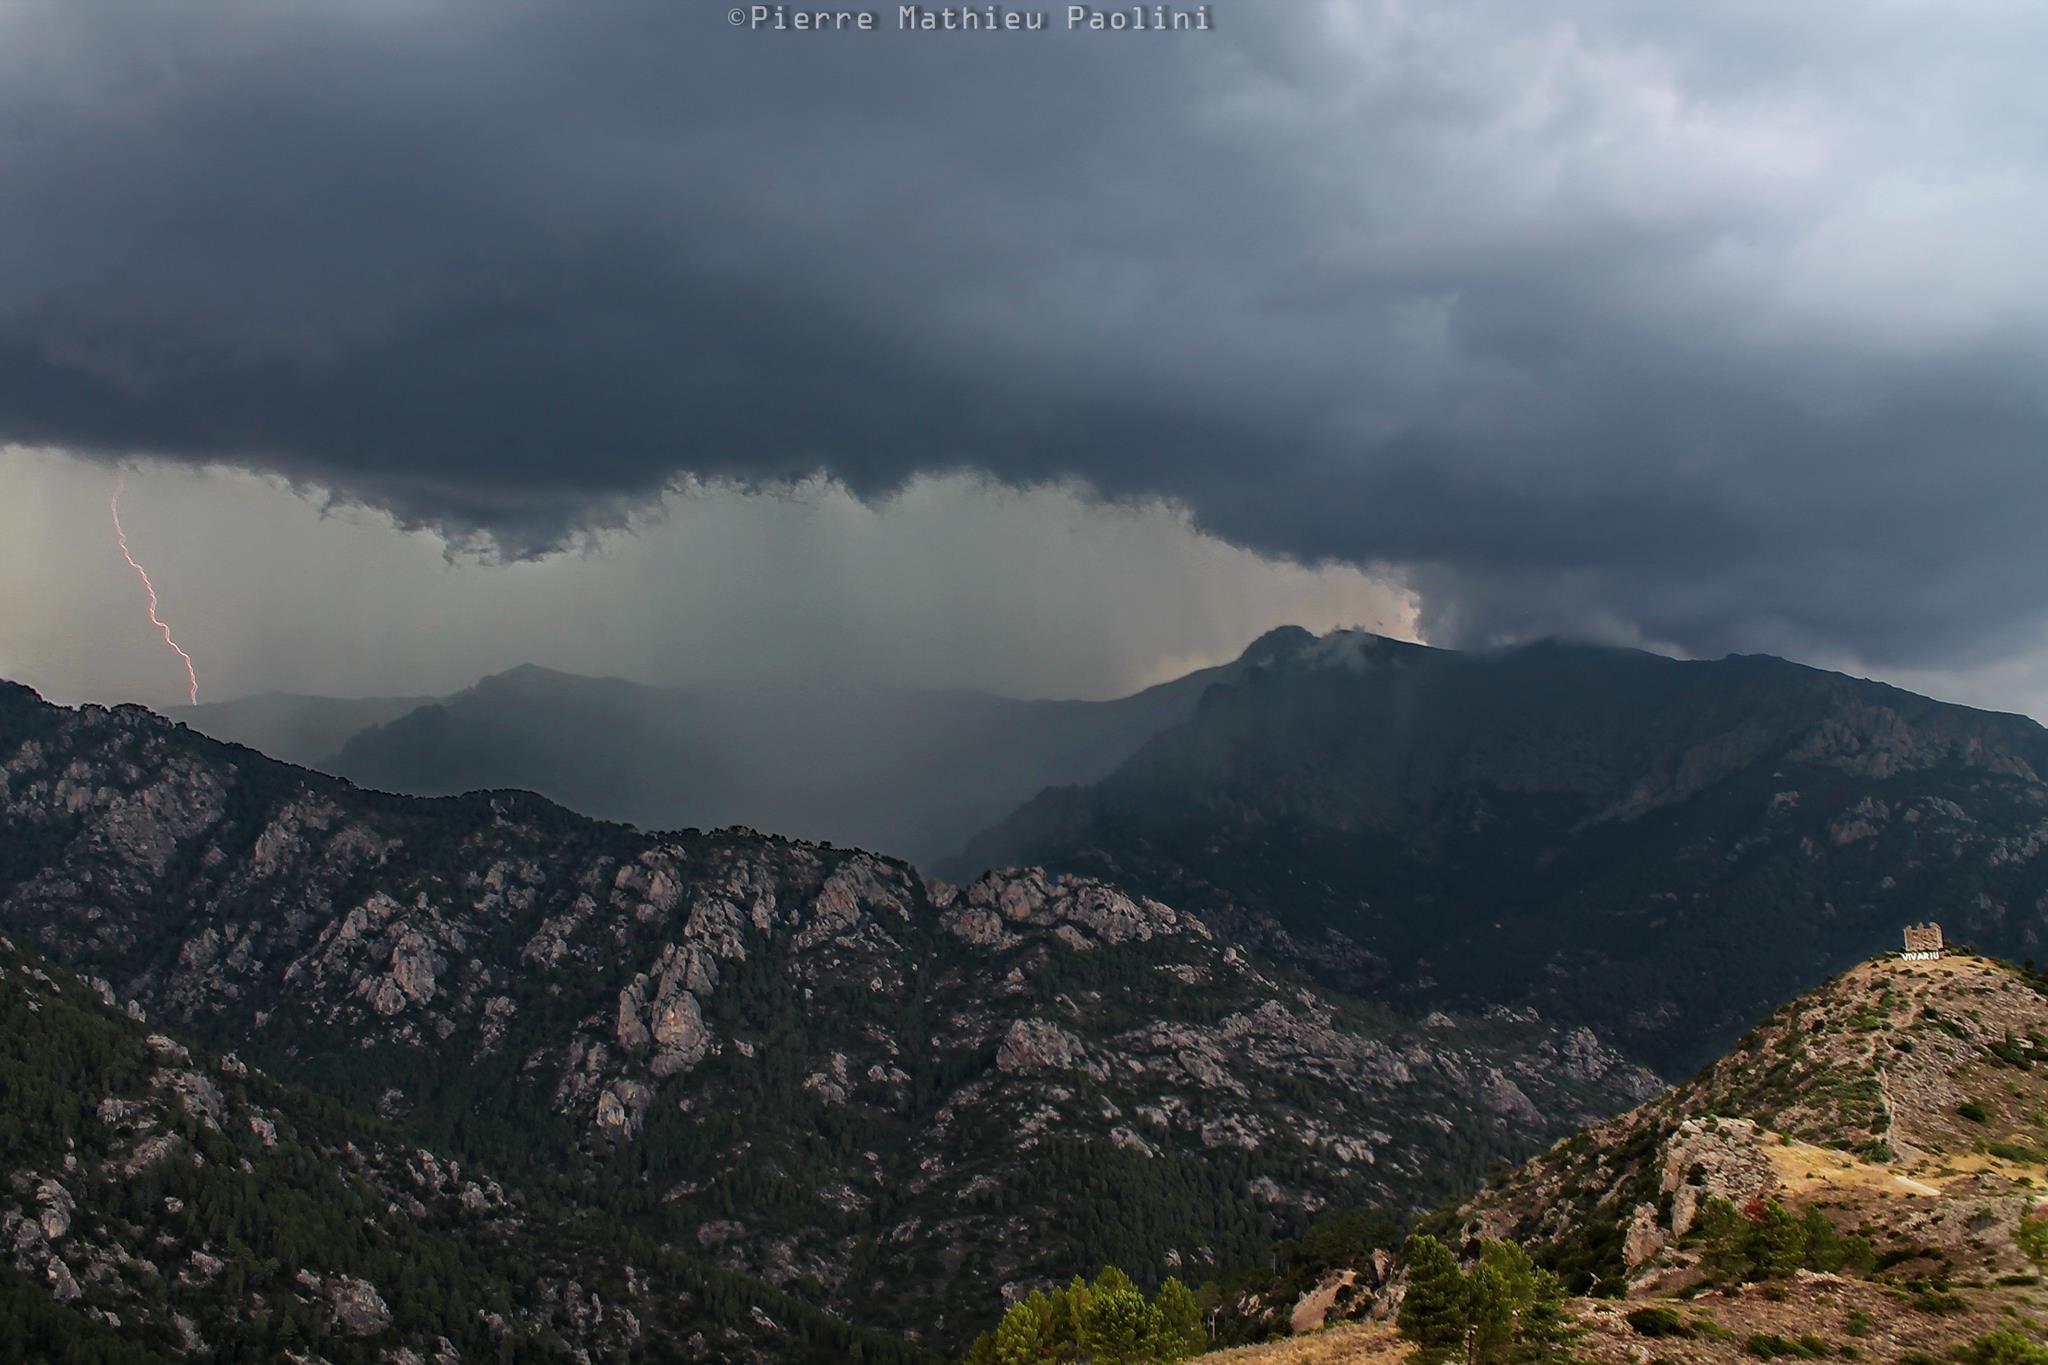 L'orage au-dessus de Vivario (Photo Pïerre-Mathieu Paolini)